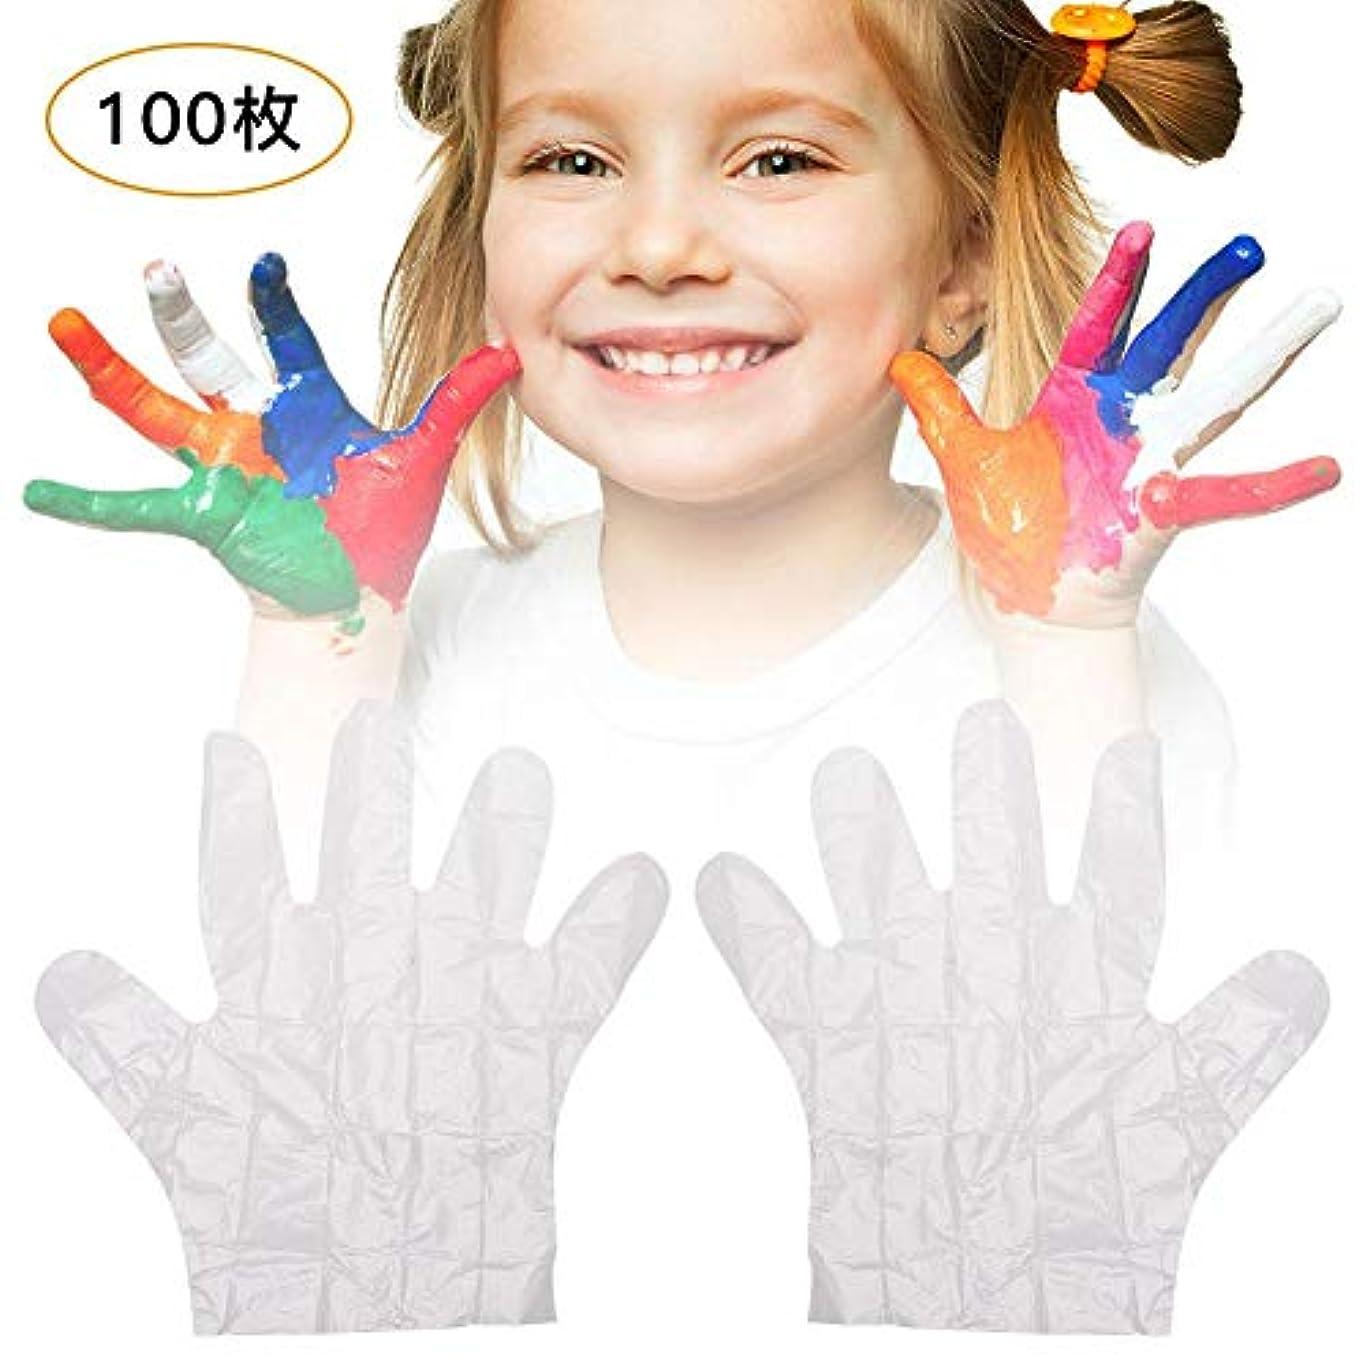 アクチュエータ承認女王使い捨て手袋 子供用 極薄ビニール手袋 LUERME ポリエチレン 透明 実用 衛生 100枚/200枚セット 左右兼用